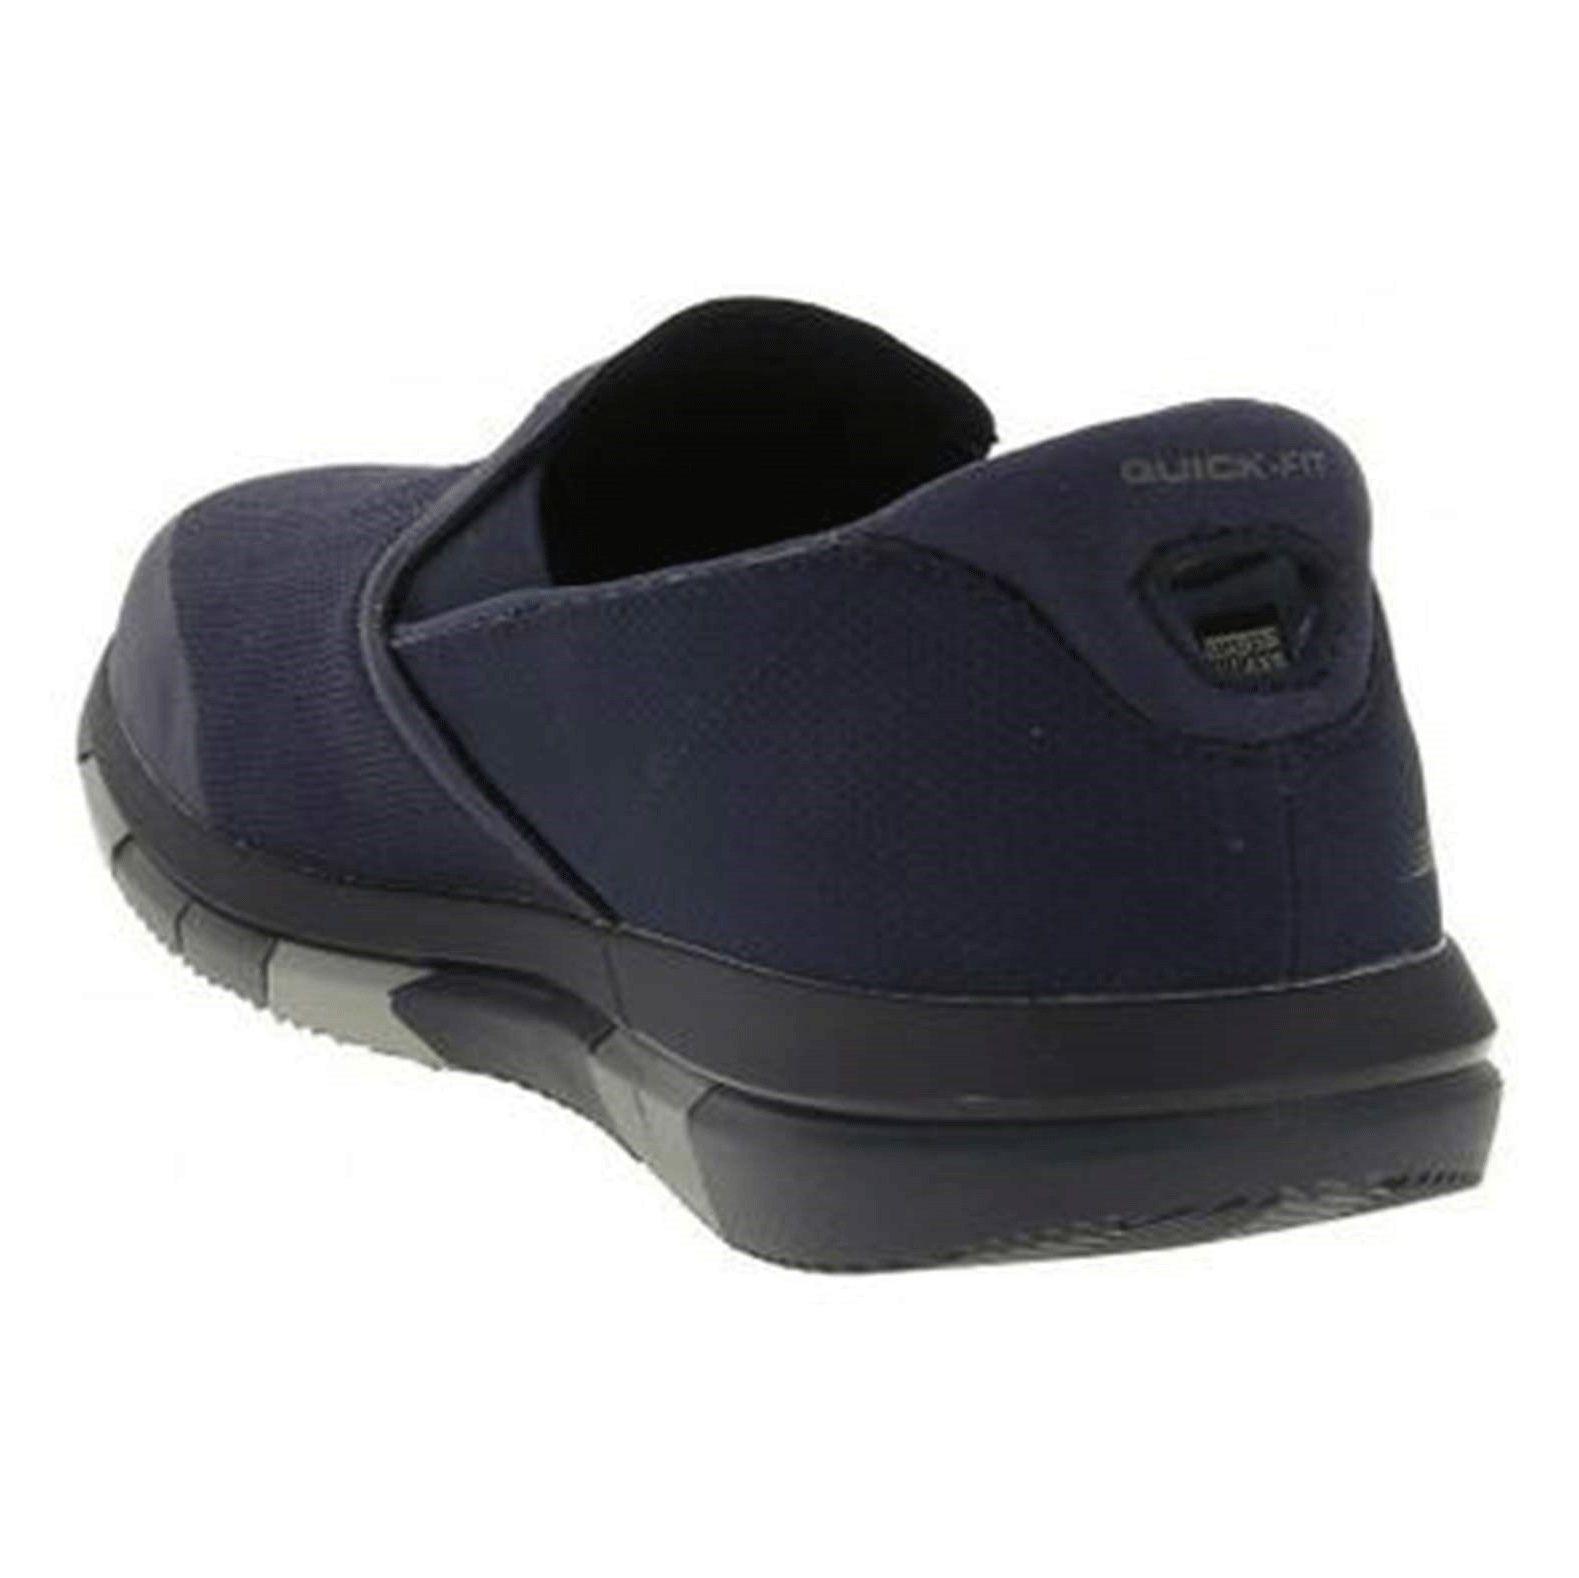 کفش پیاده روی پارچه ای مردانه GO FLEX Walk - اسکچرز - سرمه اي - 4